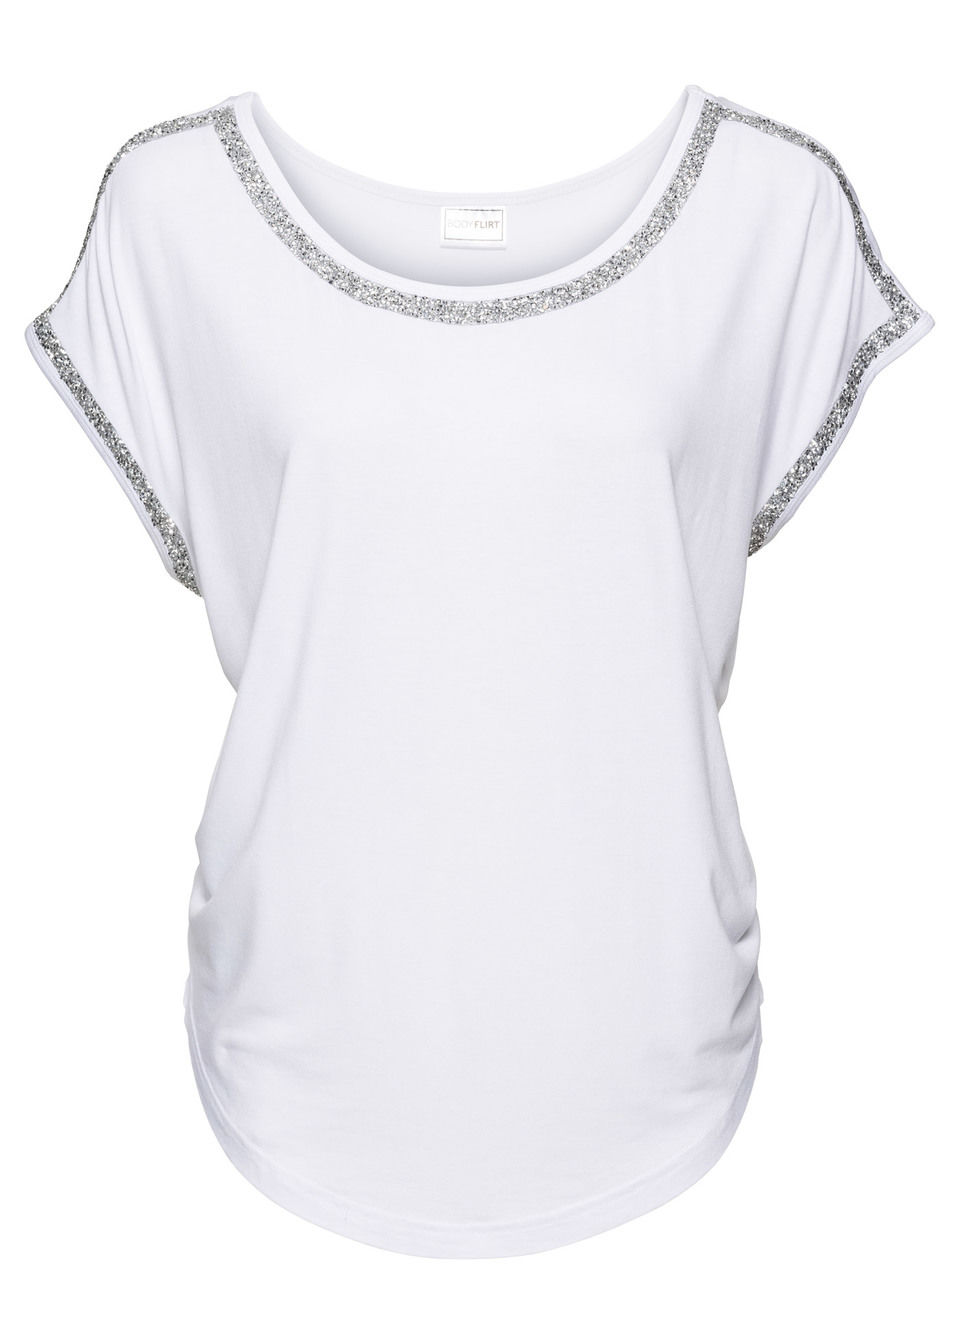 calitate superioară cei mai buni adidași oferte exclusive Bluză cu aplicaţie sclipitoare mov/gri • 89.9 lei • bonprix